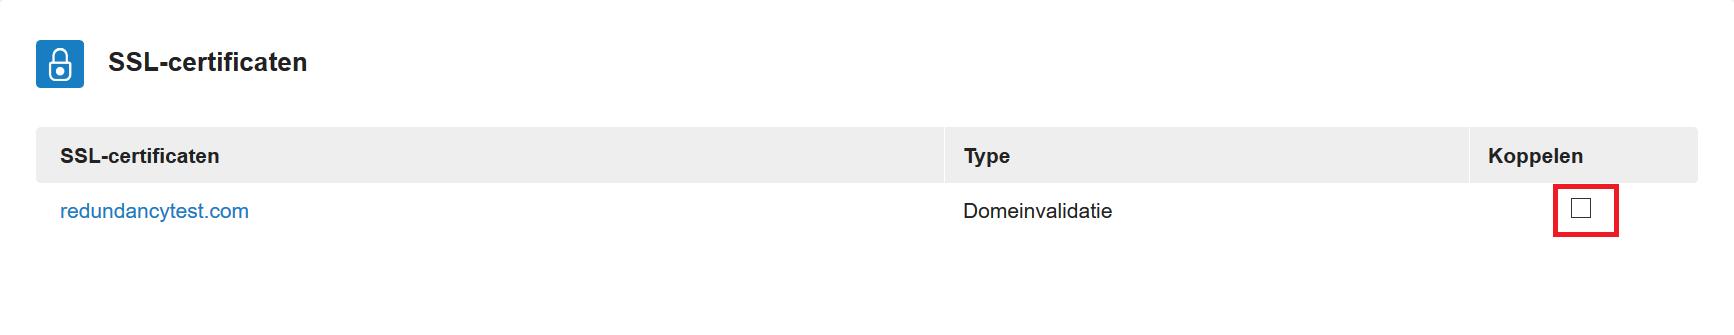 overzicht voor HA-IP beschikbare SSL-certificaten